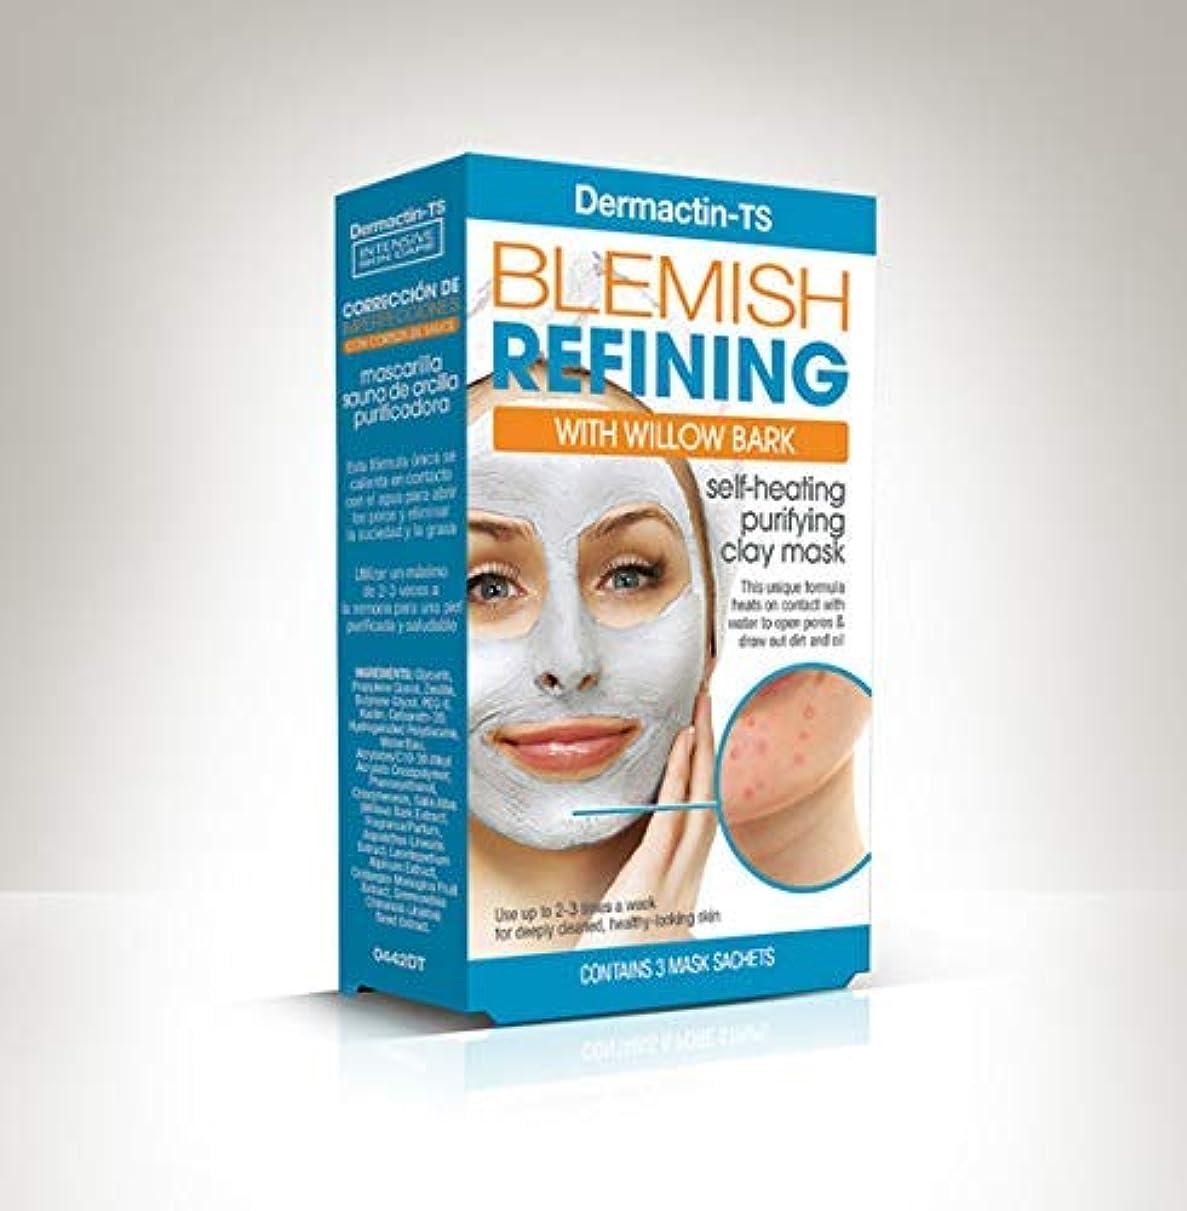 ラフト病気だと思うペイントDermactin-TS ブレミッシュコントロール自己発熱マスク (並行輸入品)